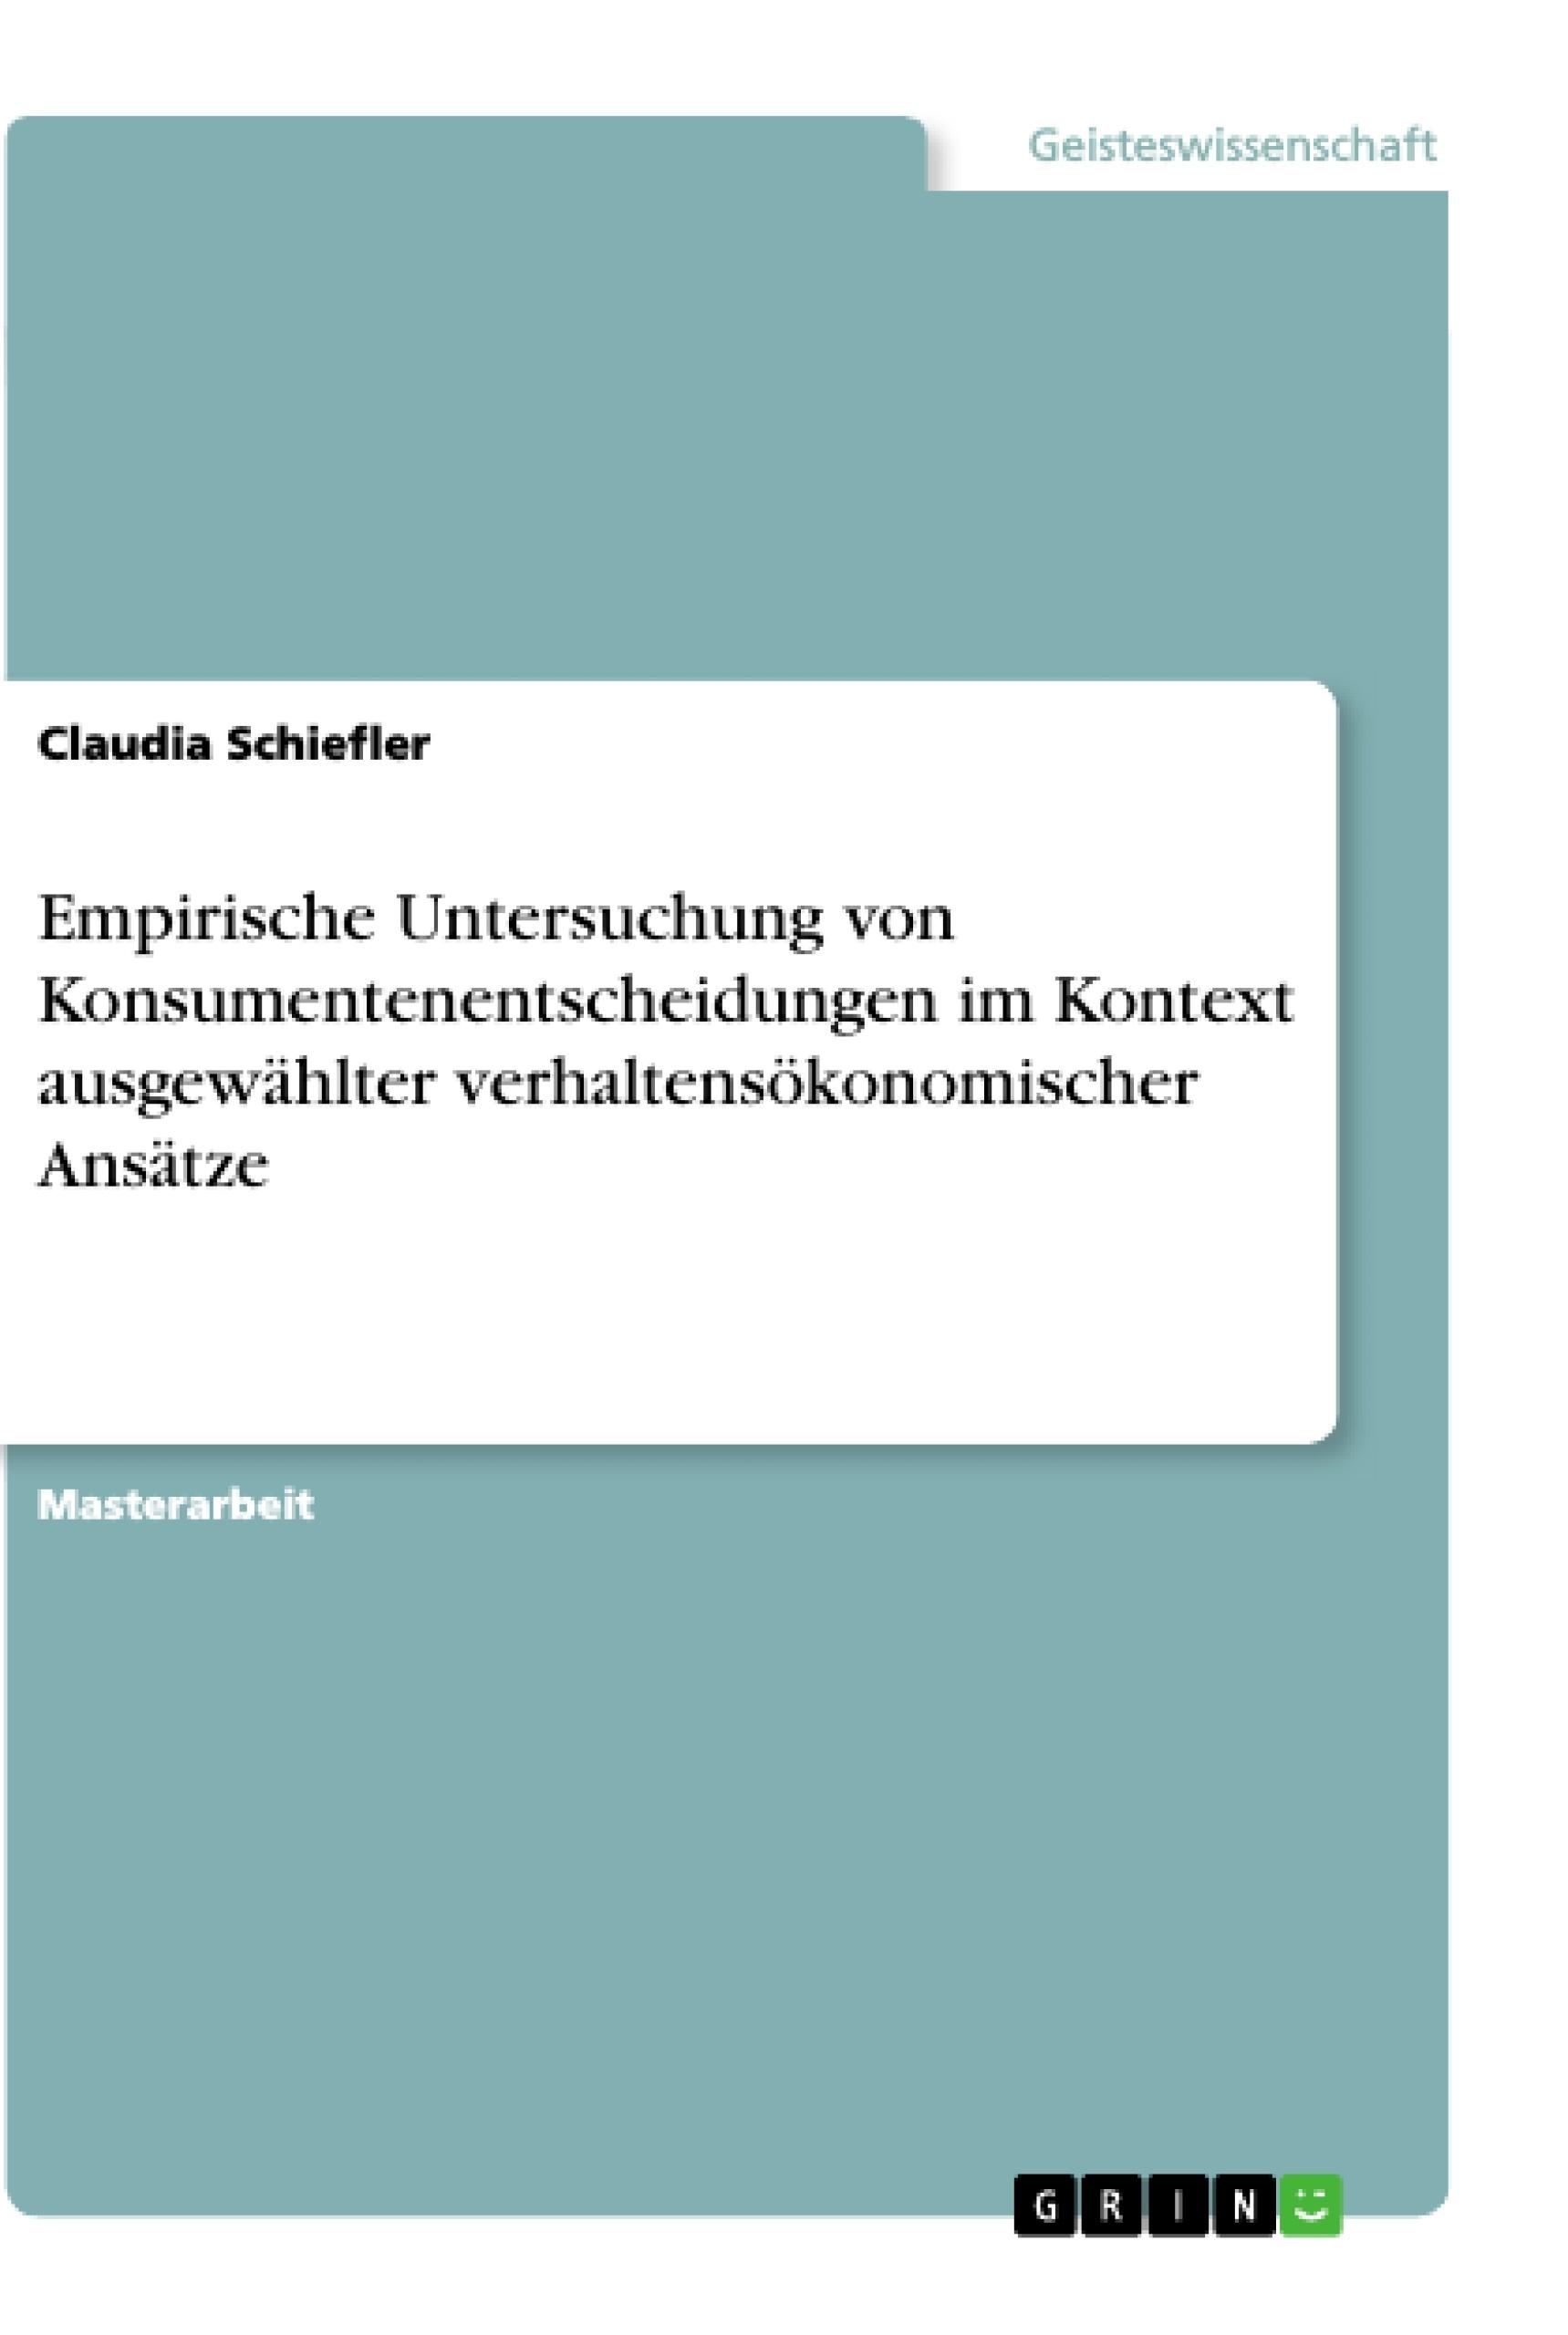 Titel: Empirische Untersuchung von Konsumentenentscheidungen im Kontext ausgewählter verhaltensökonomischer Ansätze